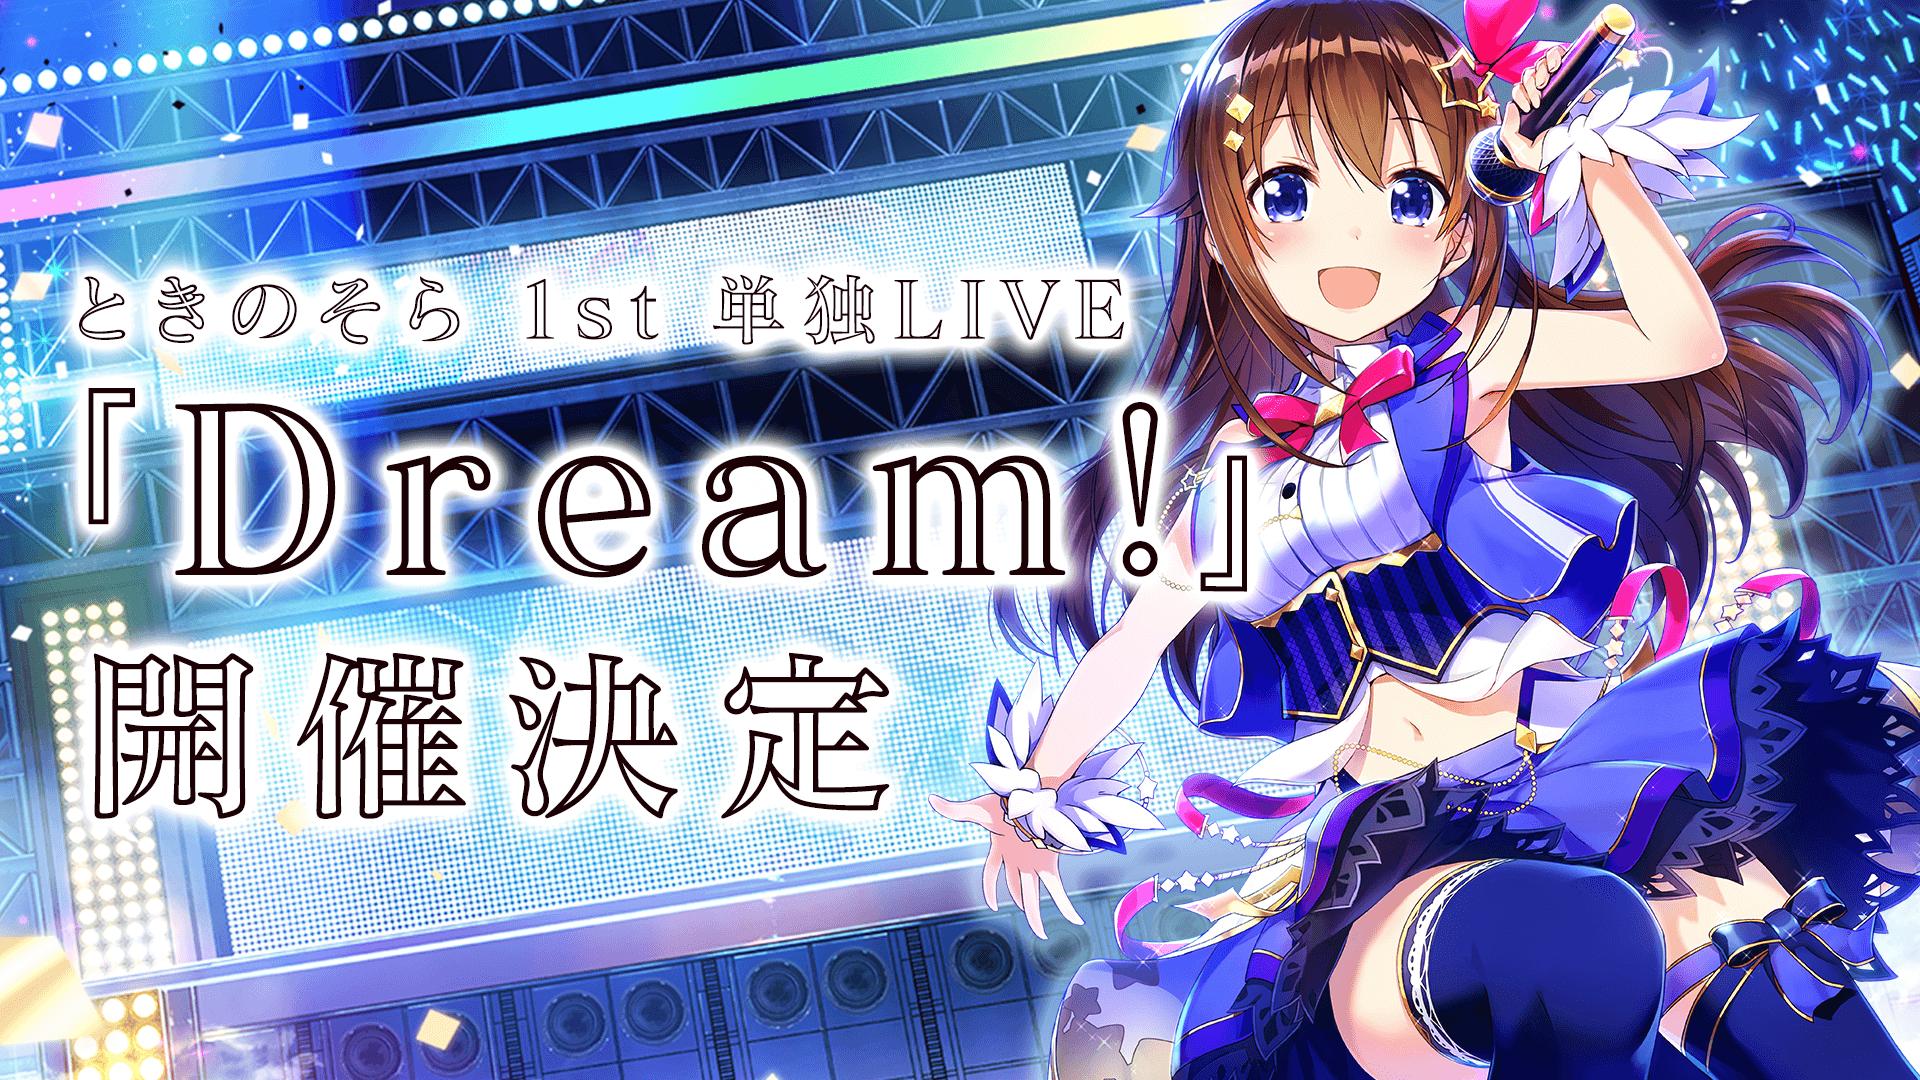 ときのそら、1stワンマンライブ「Dream!」を開催